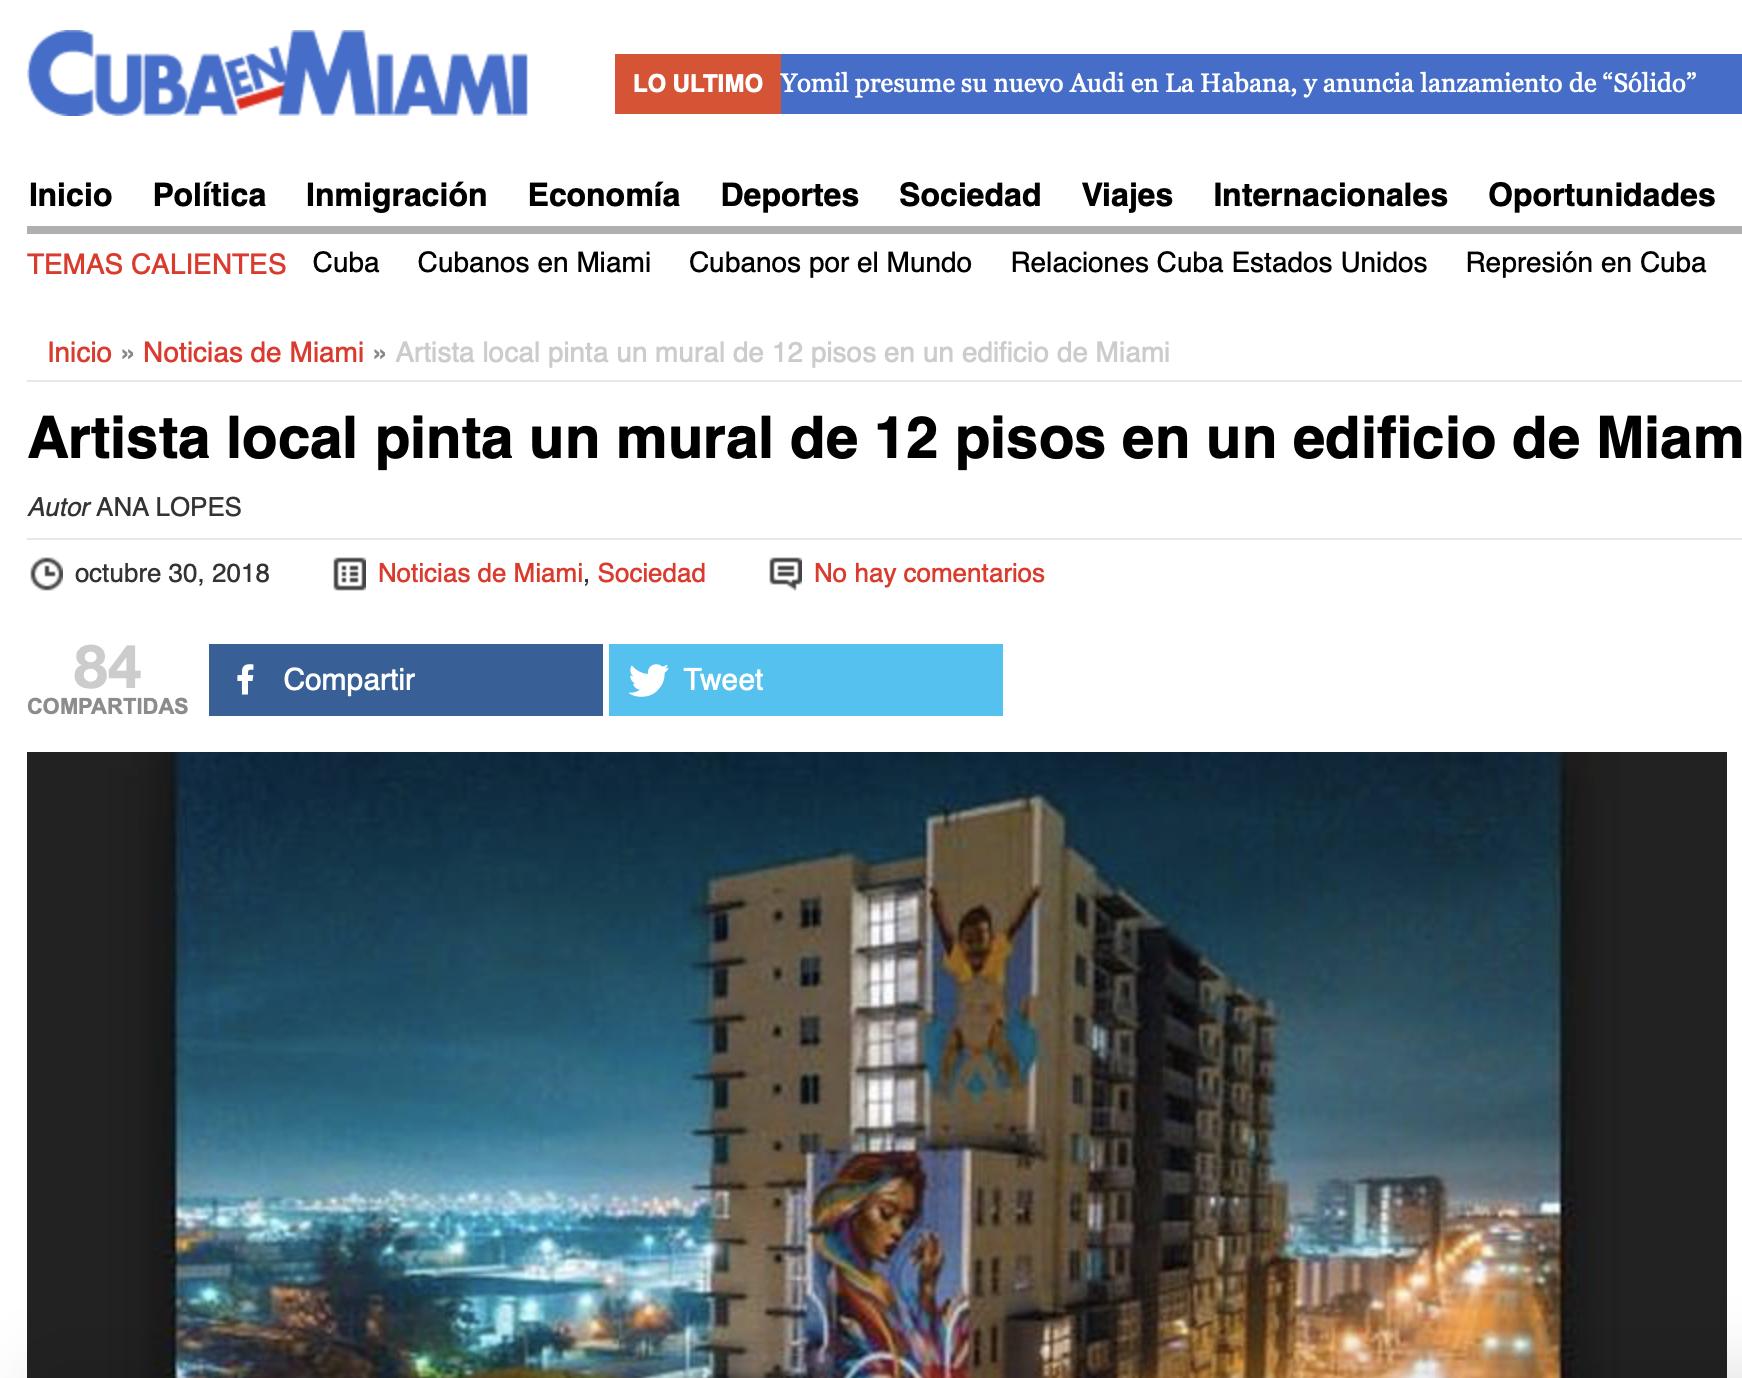 Cuba en Miami